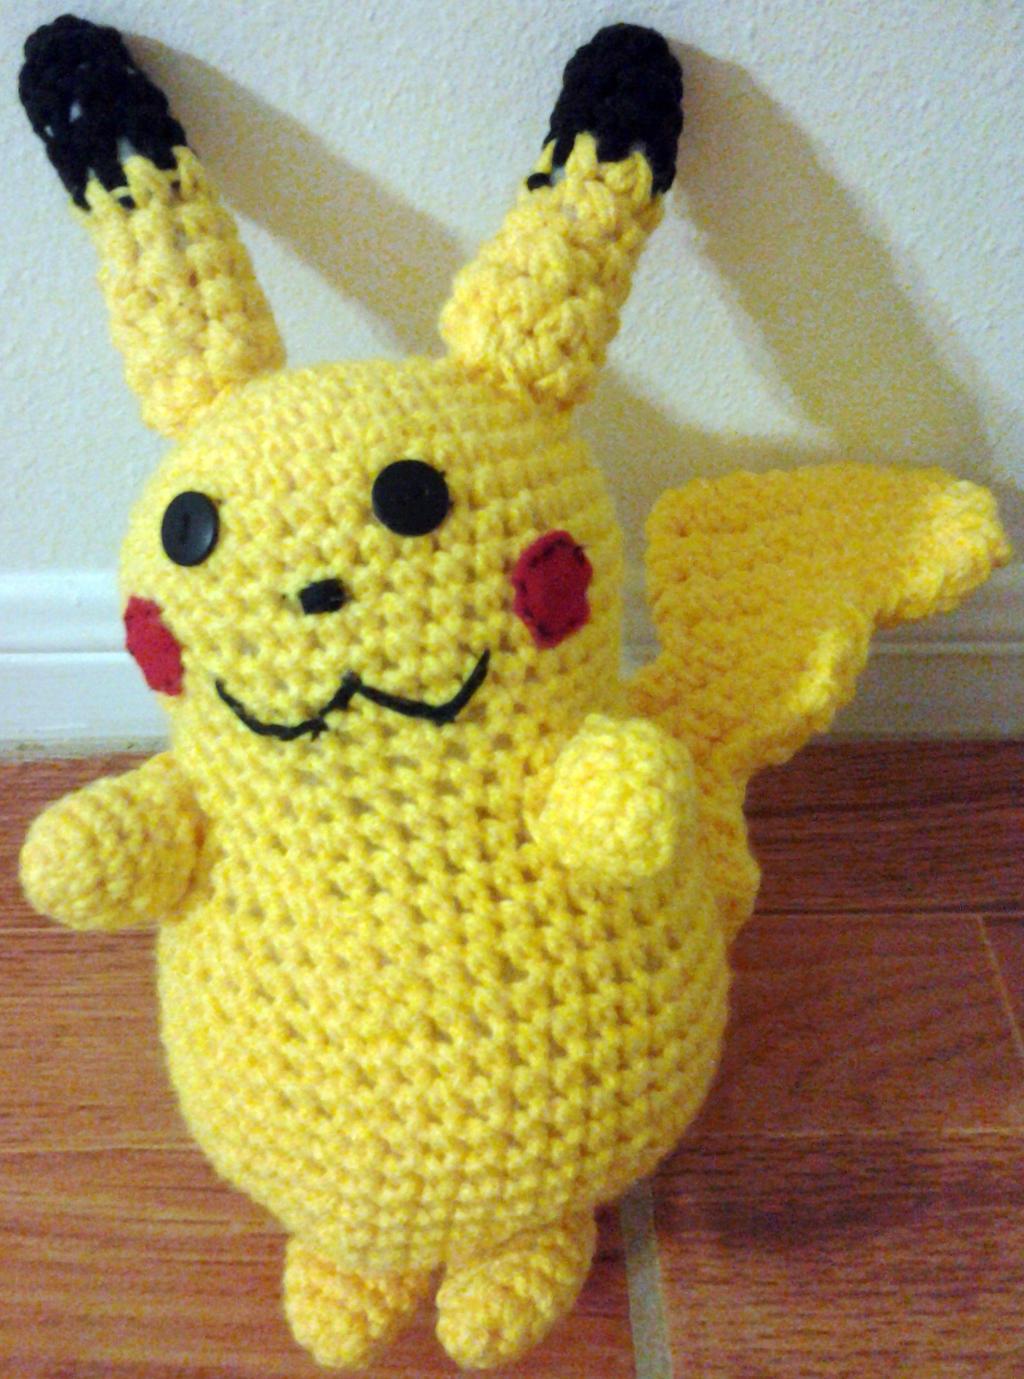 Pikachu Amigurumi by viando8 on DeviantArt